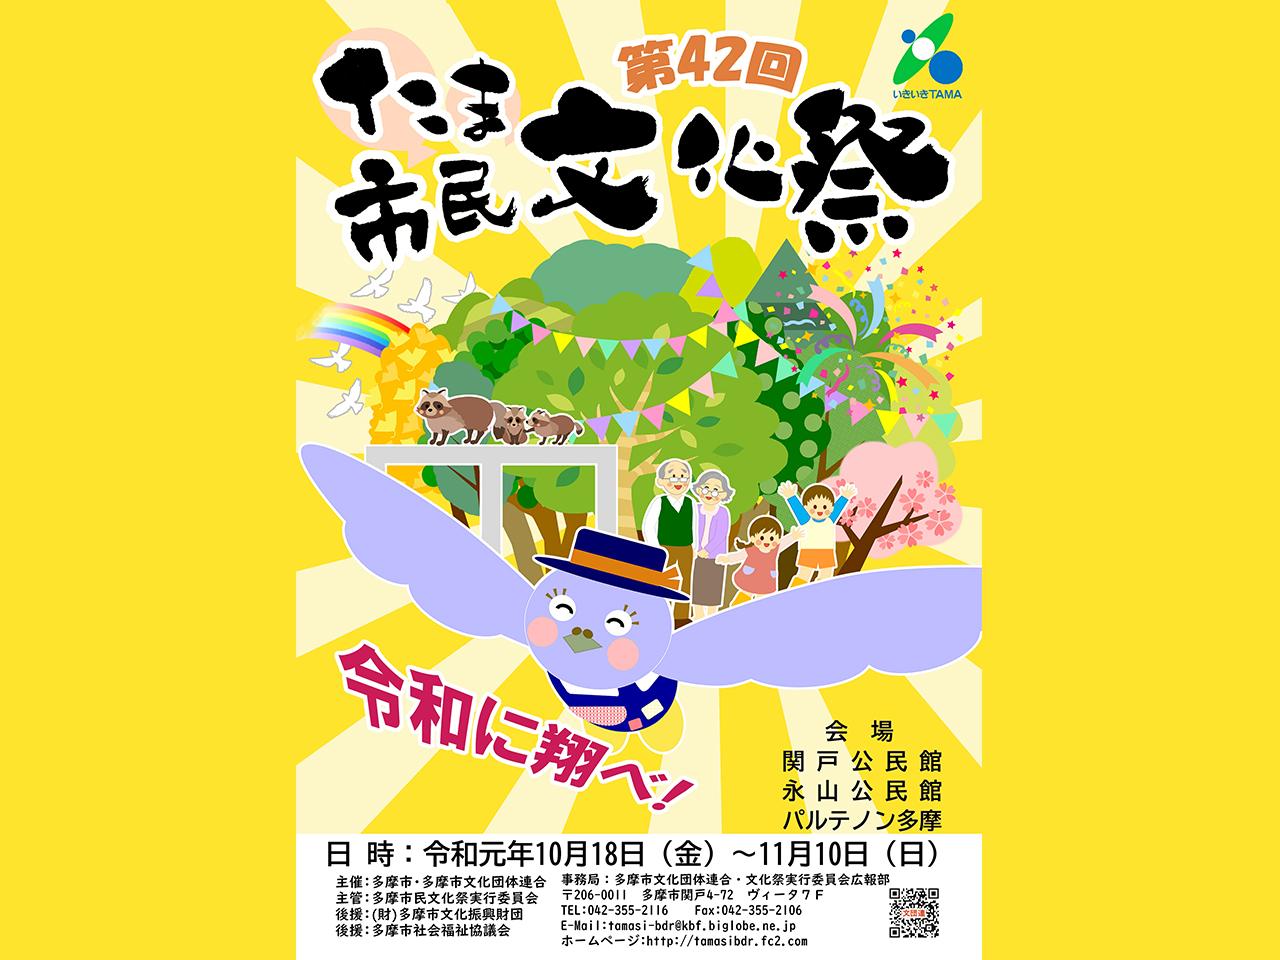 たま市民文化祭